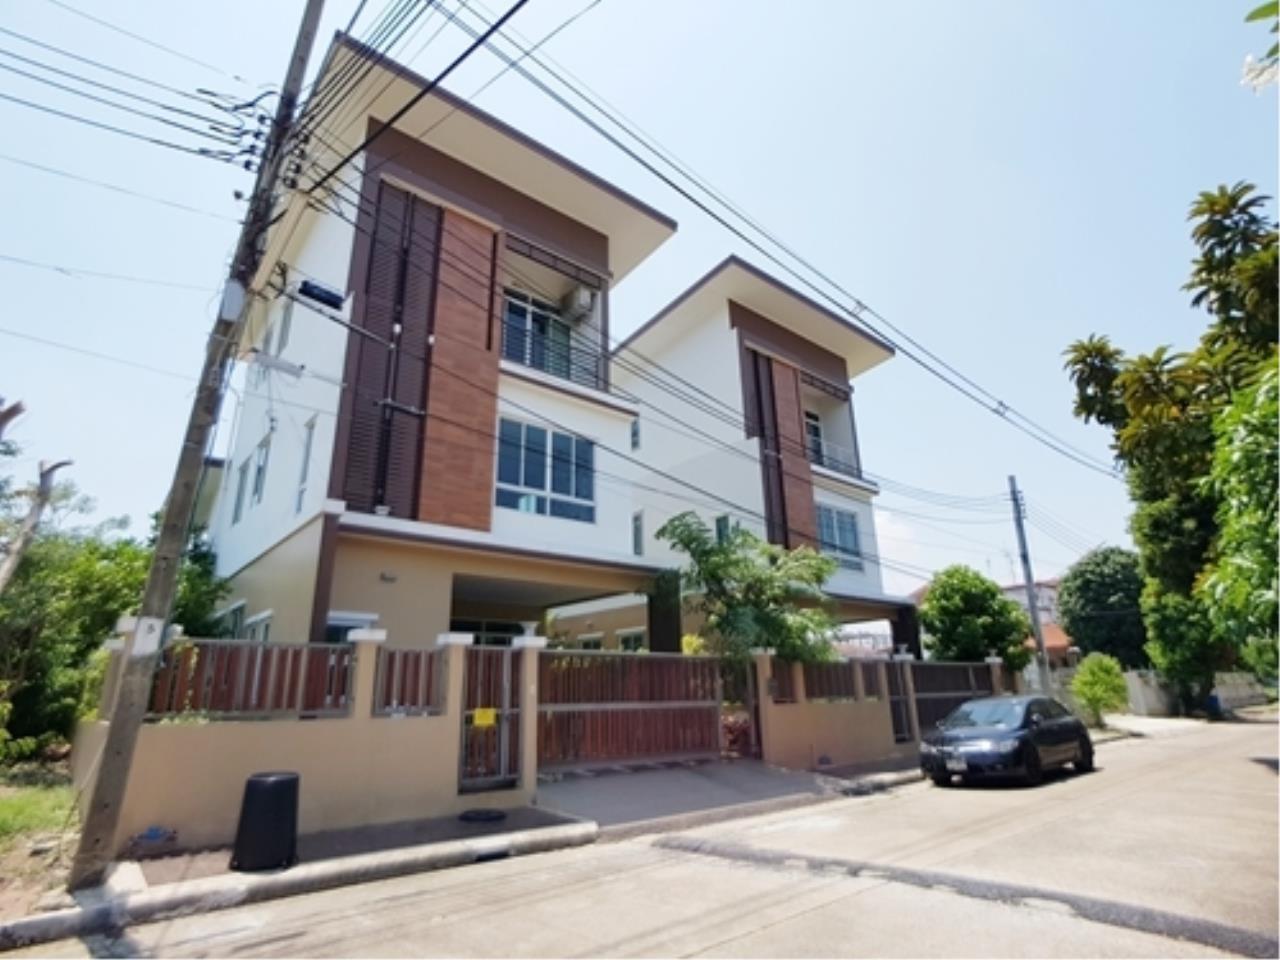 ขายบ้าน ศาลาธรรมสพน์ ทวีวัฒนา กรุงเทพมหานคร, ภาพที่ 1